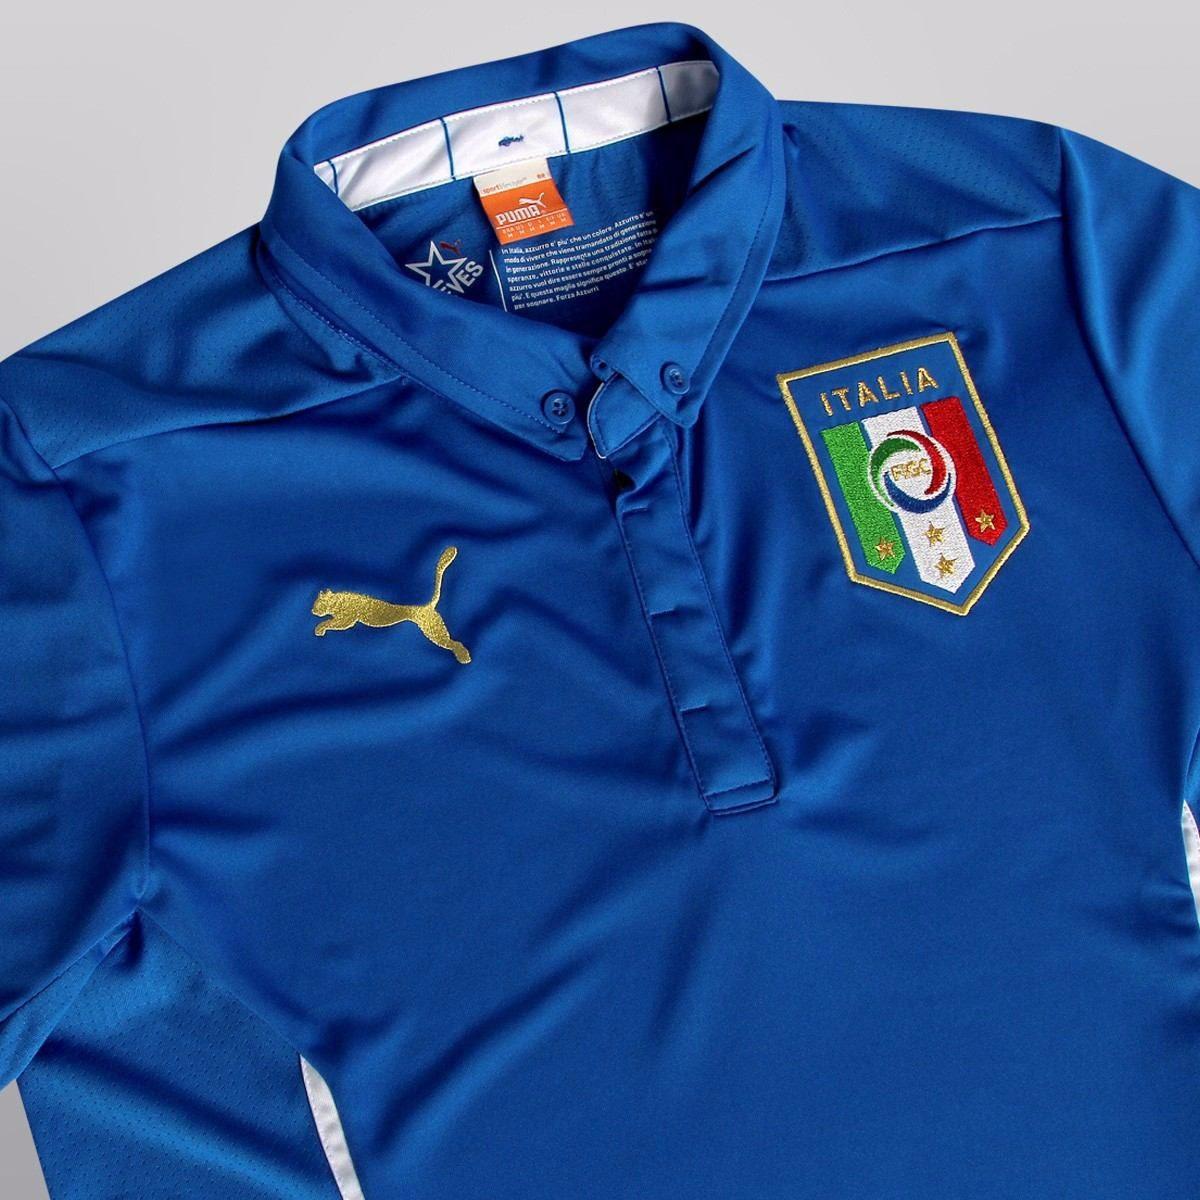 08e44210fc96e camisa futebol itália 2014. frete gratis!! pronta entrega. Carregando zoom.